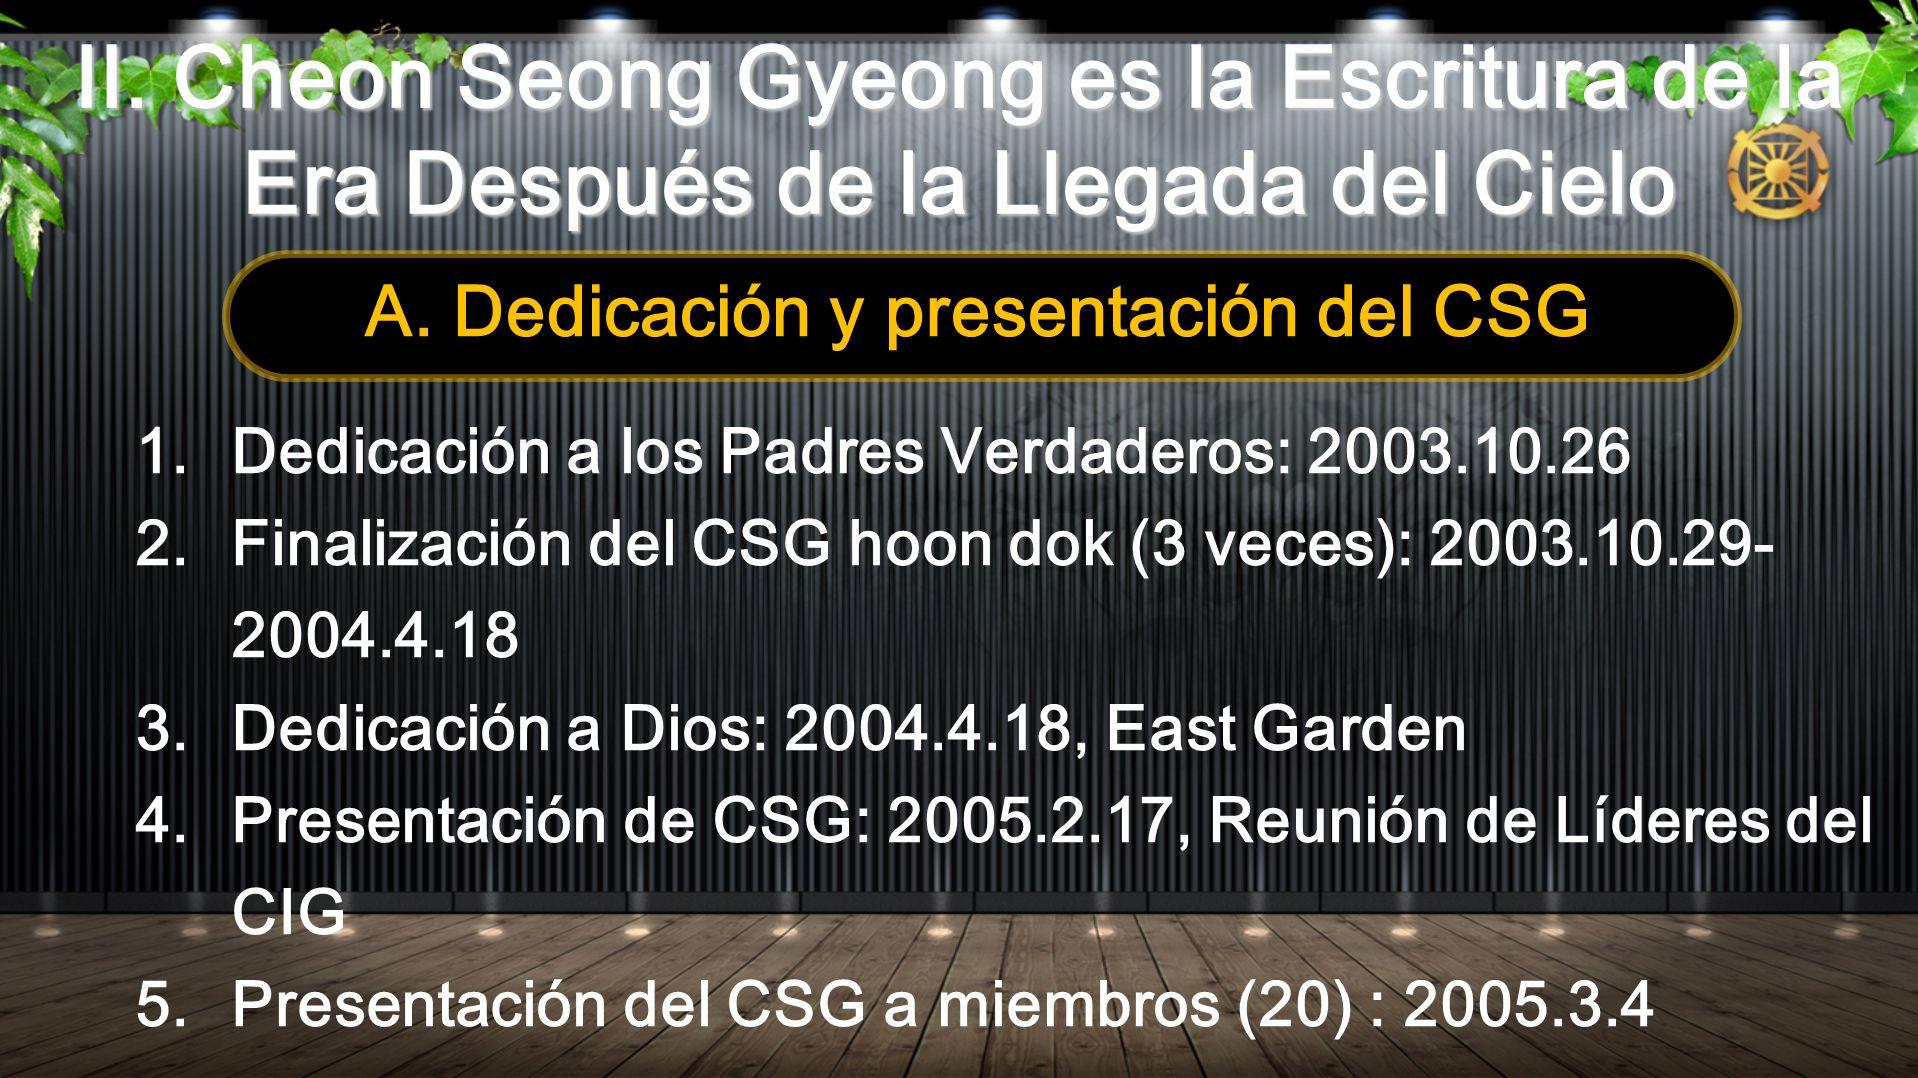 A. Dedicación y presentación del CSG